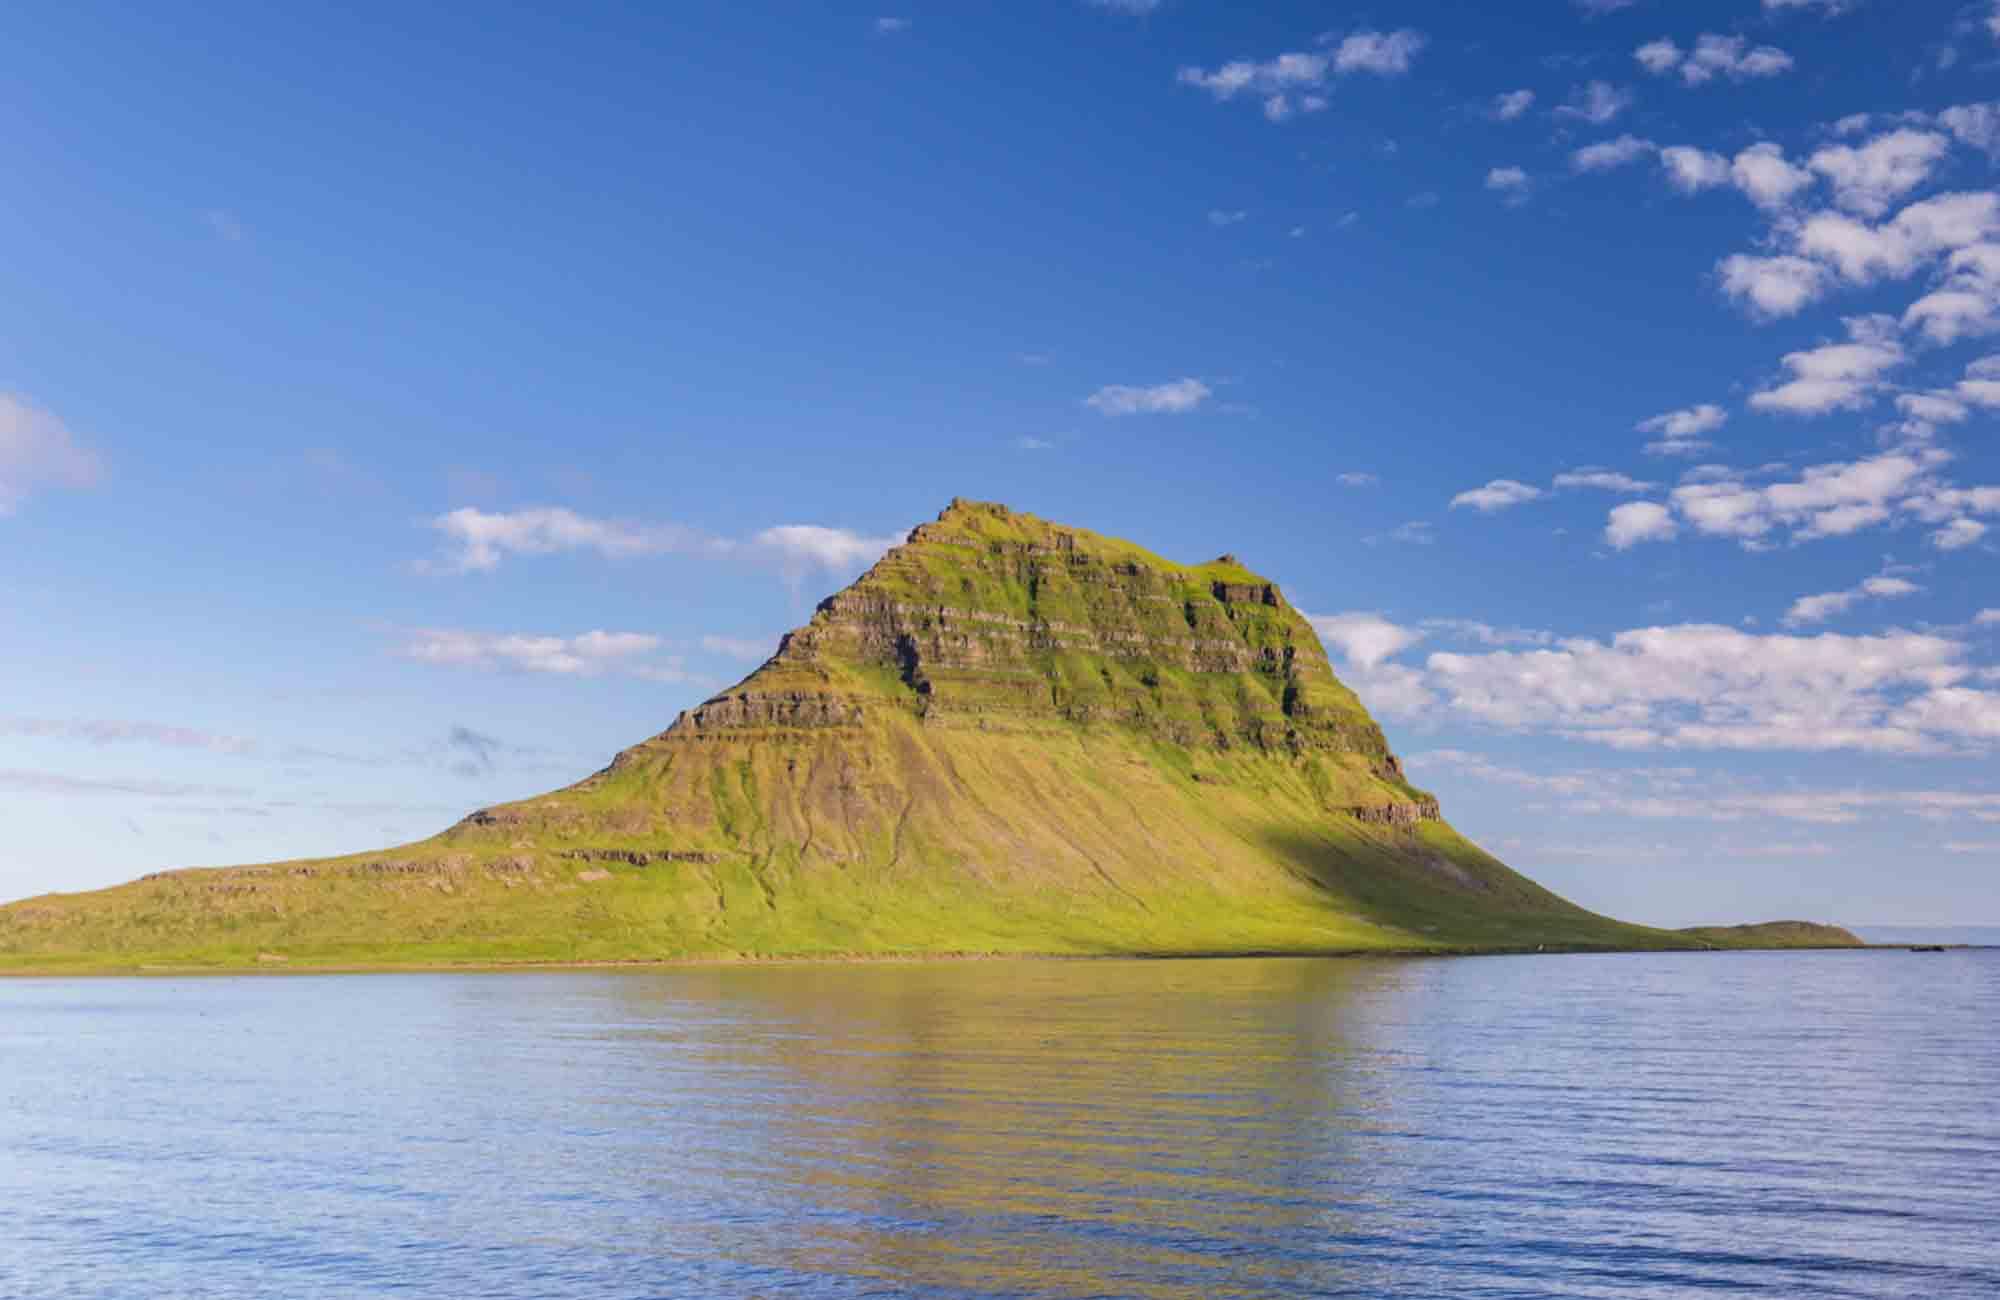 Voyage Islande - Kirkjufell - Amplitudes